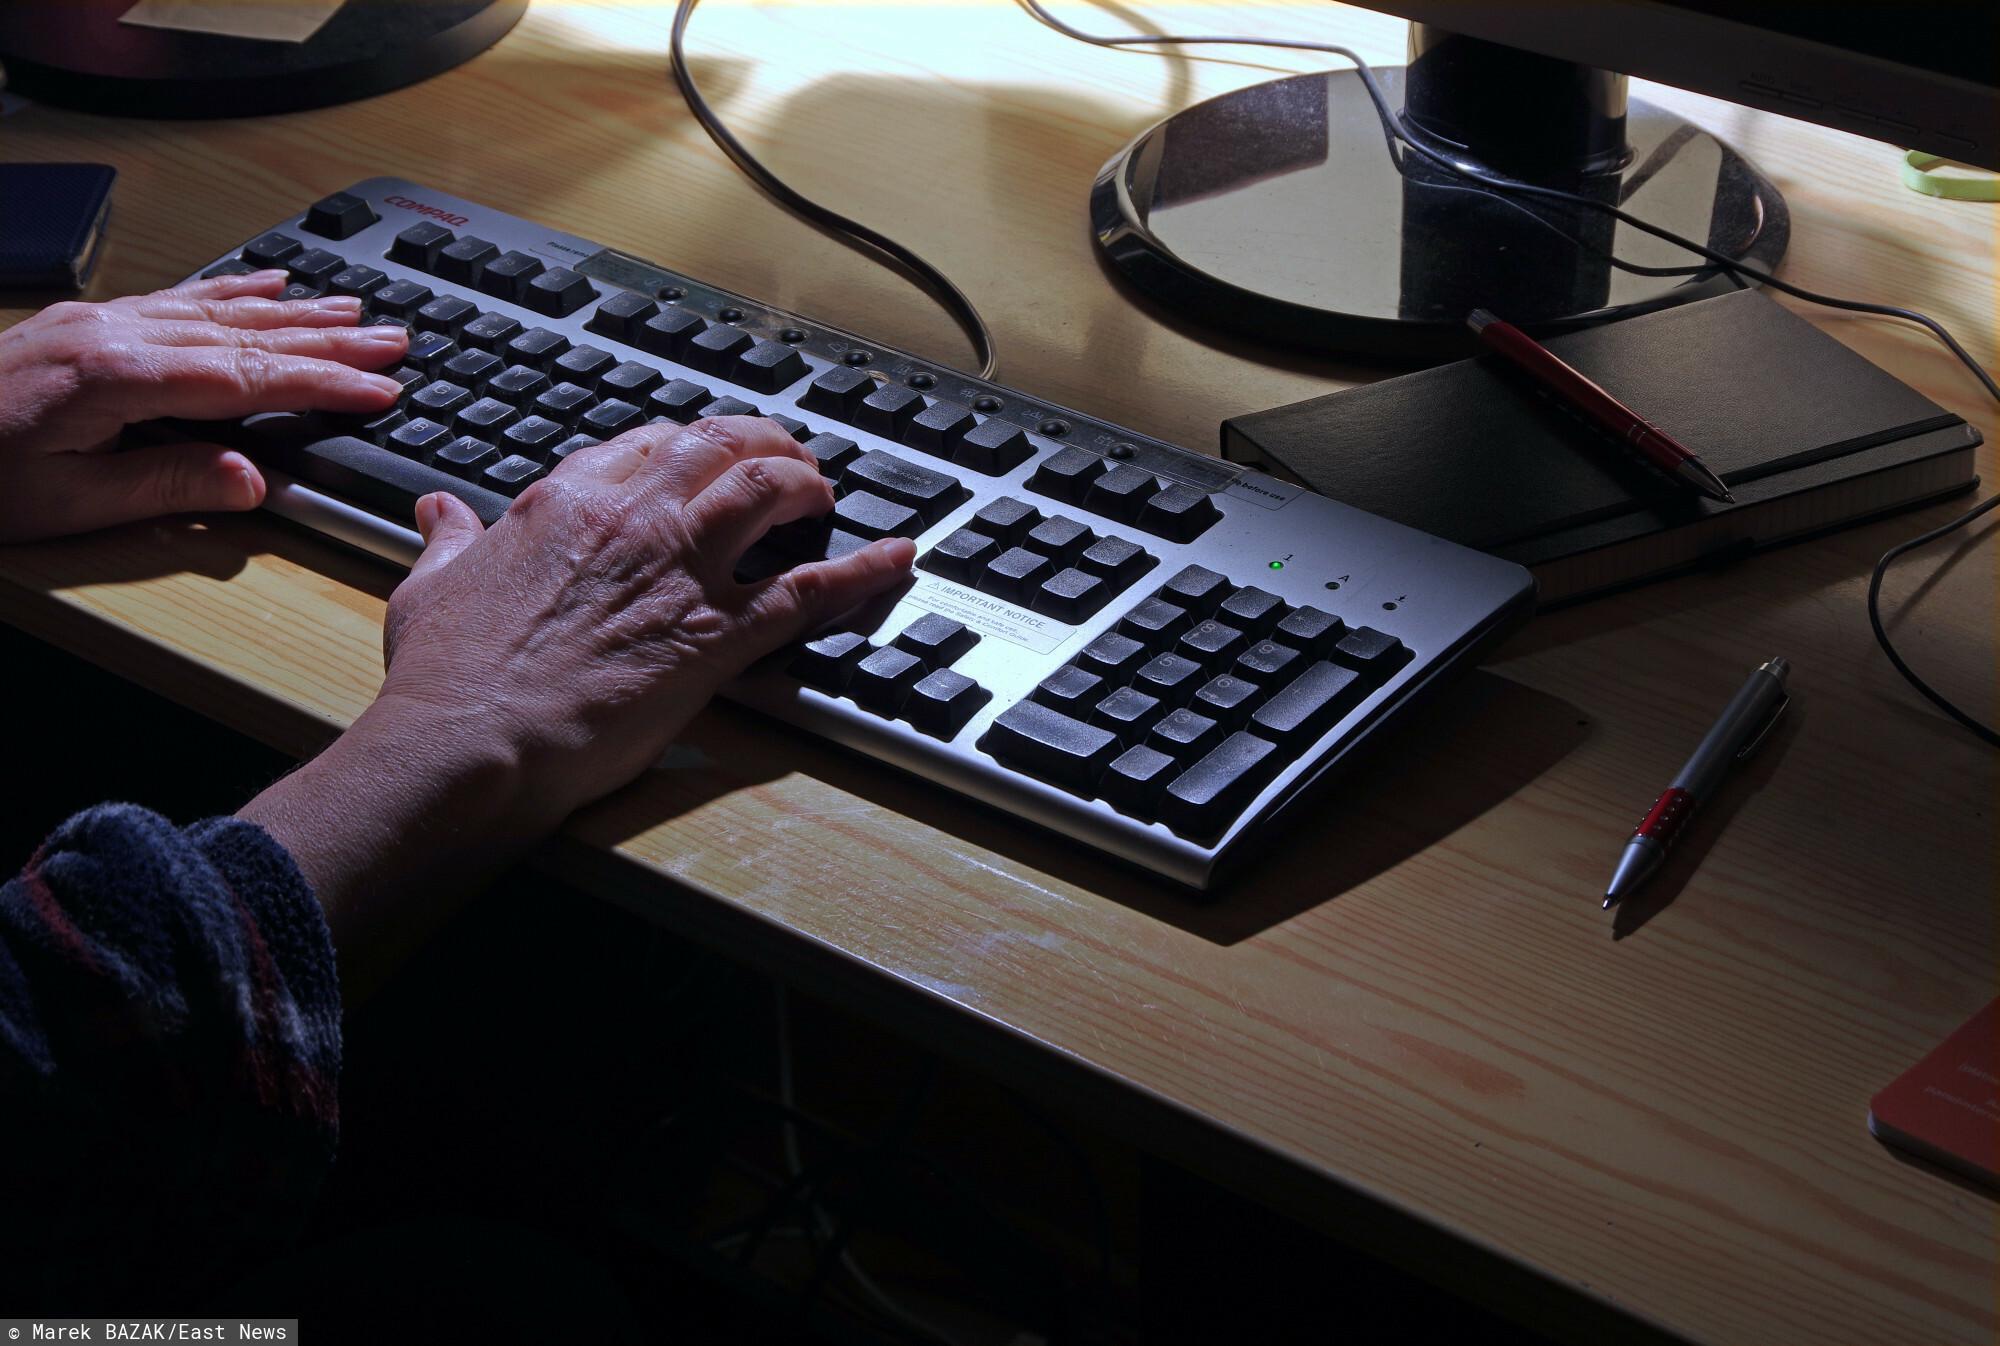 PHOTO: ZOFIA I MAREK BAZAK / EAST NEWS N/Z Dlonie na klawiaturze komputera, cyberprzestepczosc